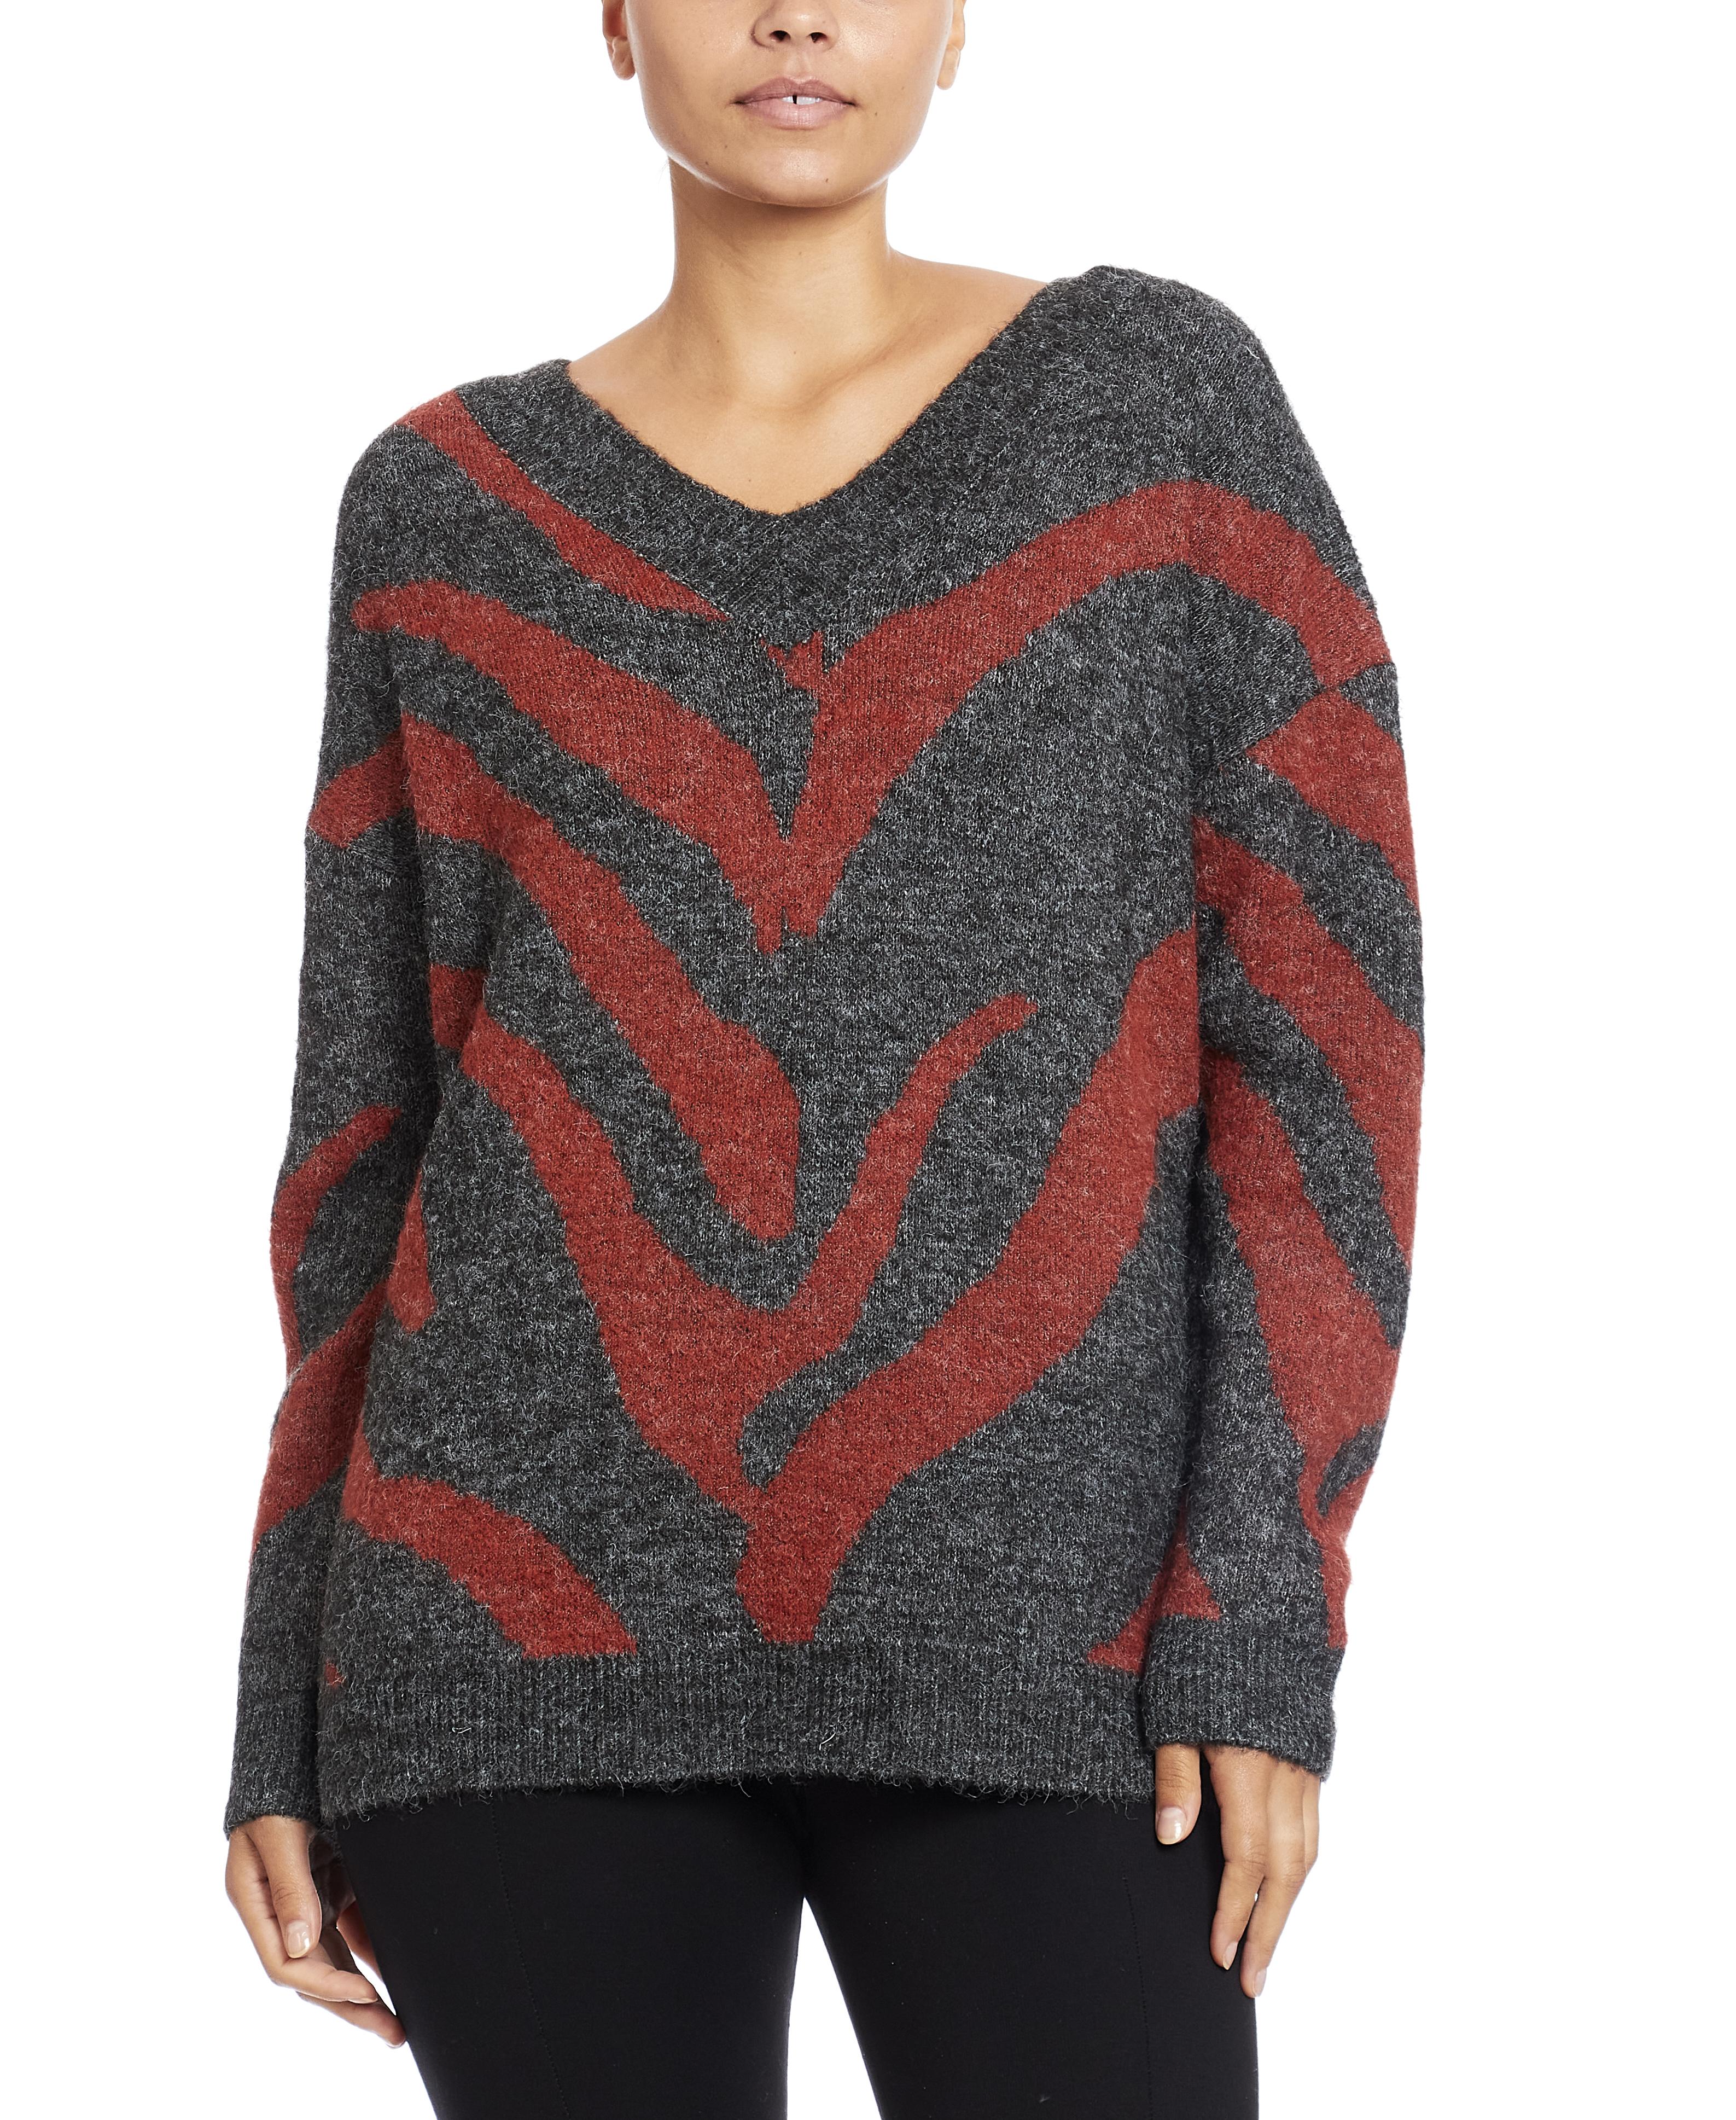 V-Neck Pullover in Spliced Zebra